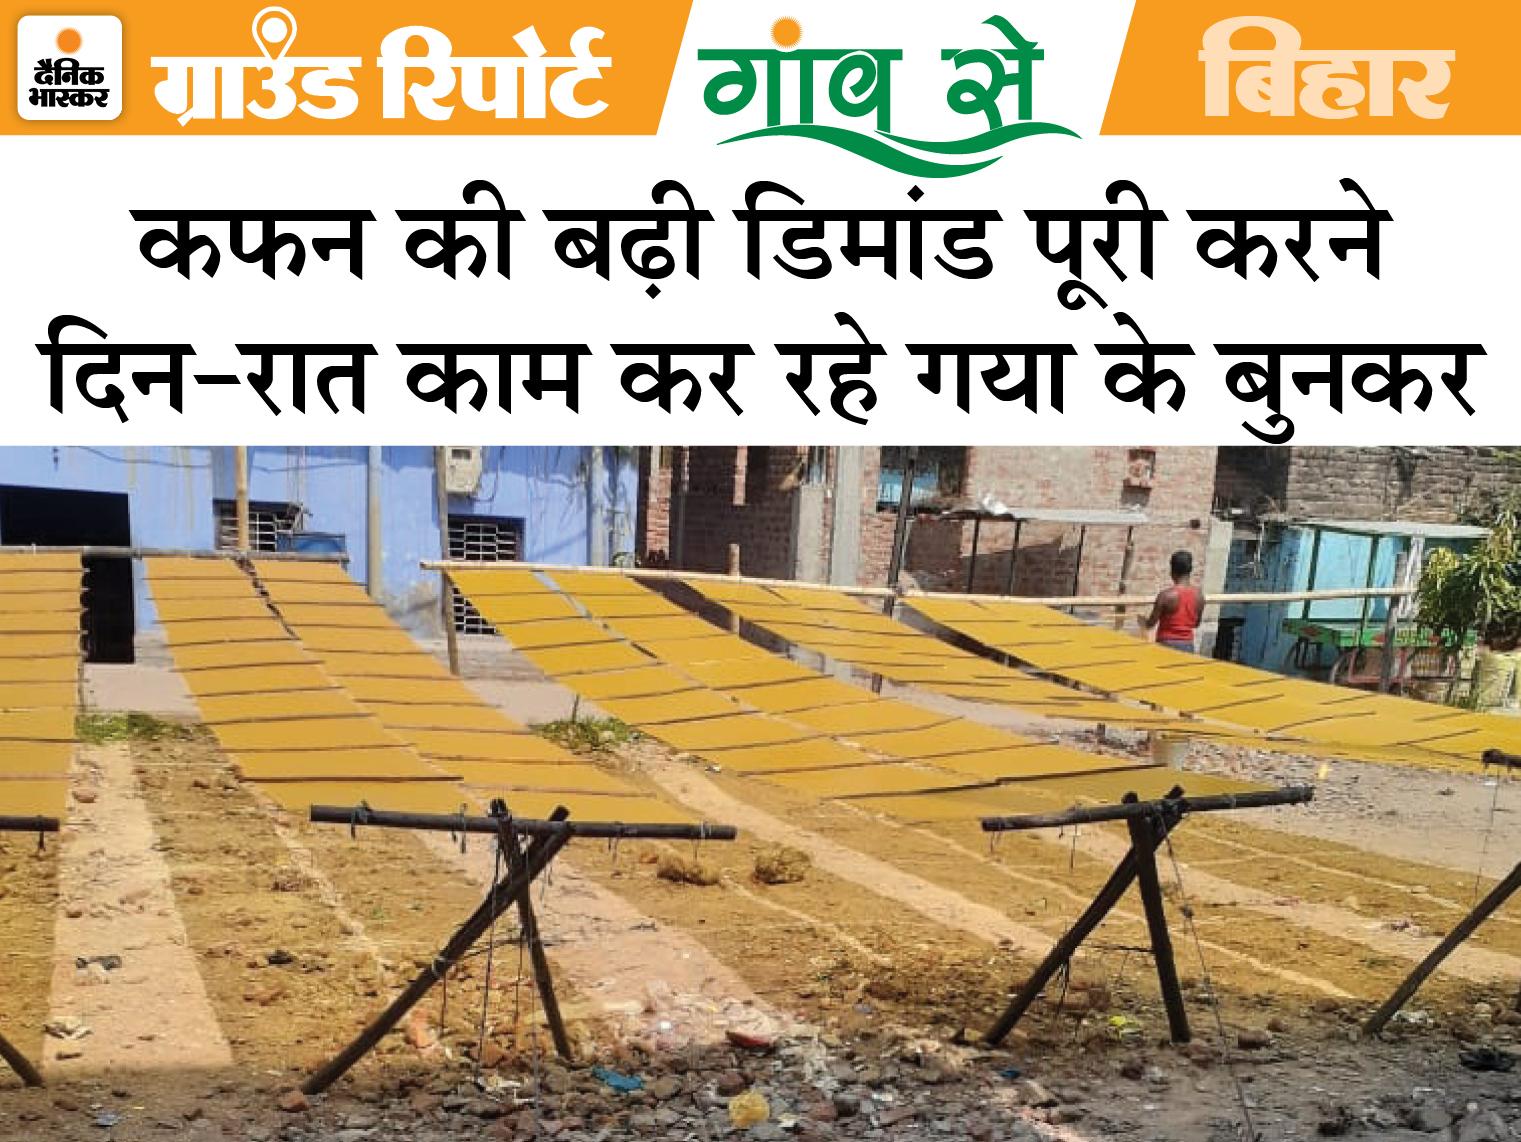 गया में कफन बनाने वालों को पलभर फुर्सत नहीं; 24 घंटे काम, रोज 50 हजार कफन बना रहे, फरवरी के मुकाबले तीन गुना|बिहार,Bihar - Dainik Bhaskar